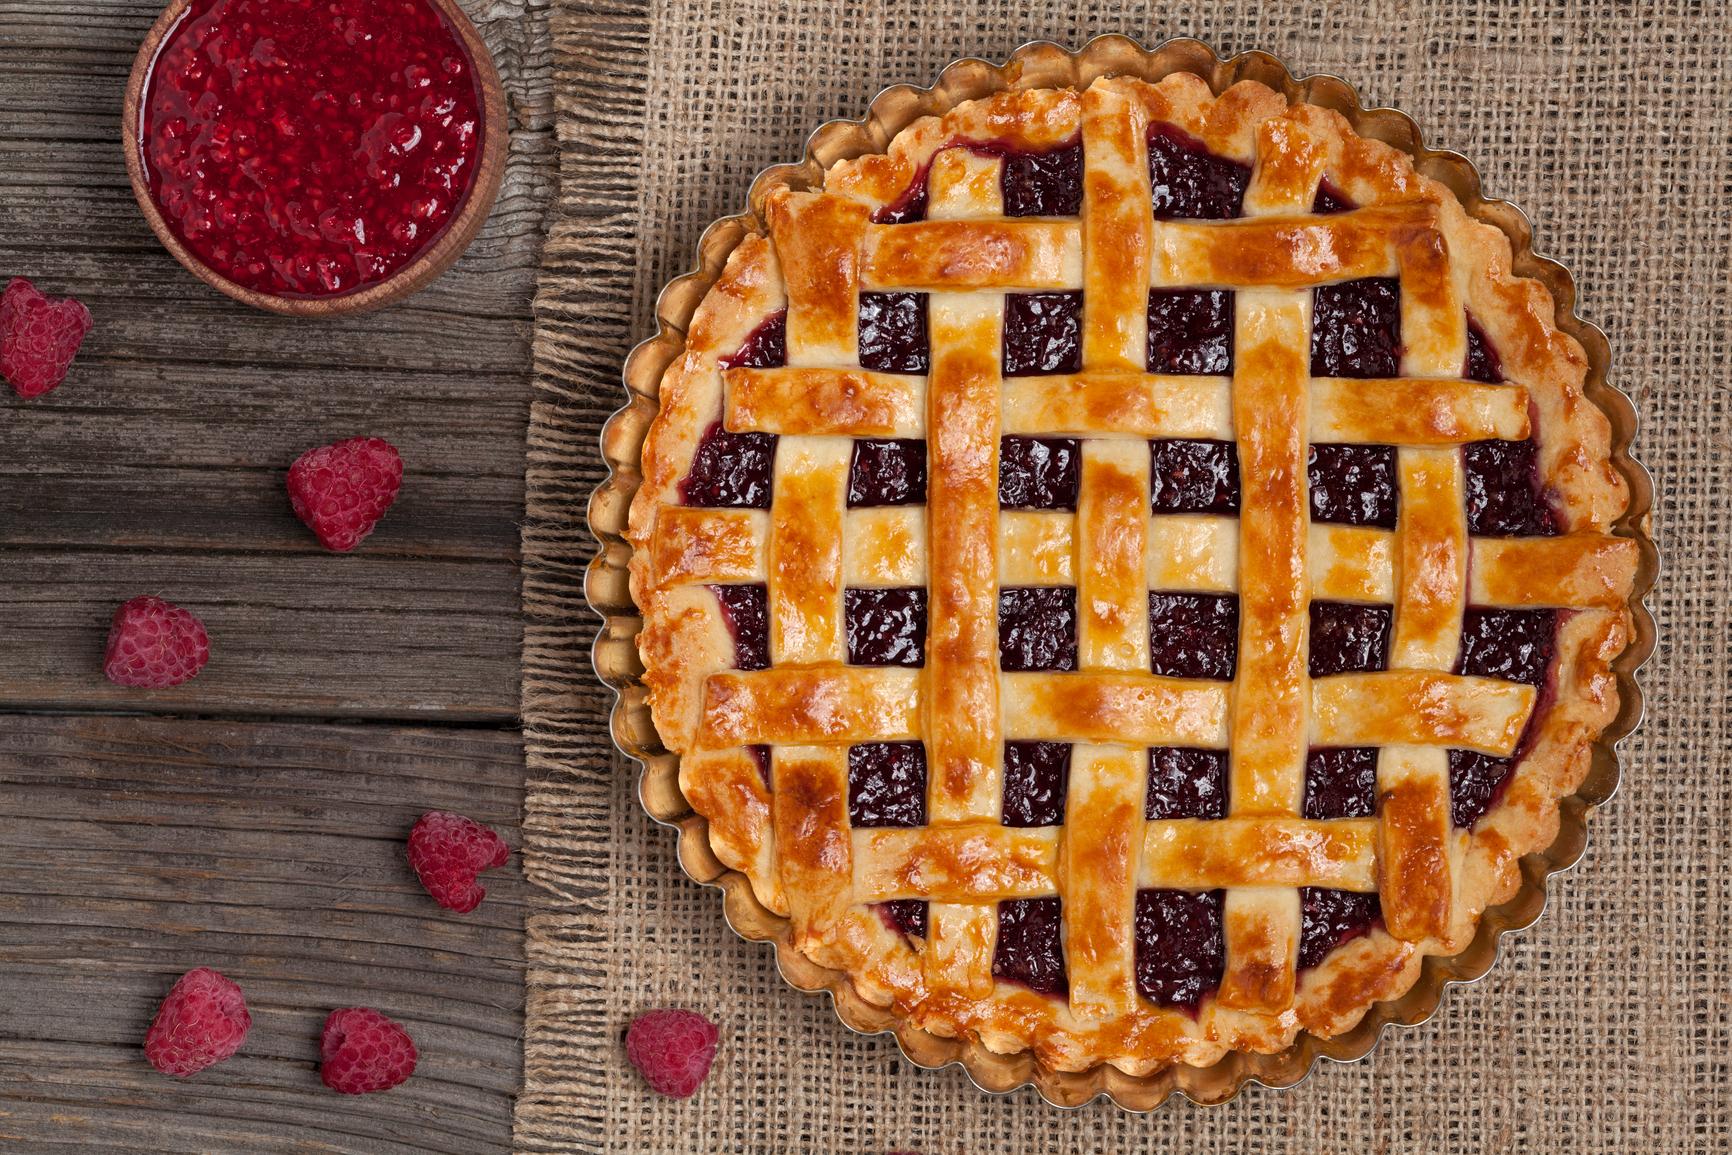 Дрожжевой пирог с малиновым вареньем рецепт